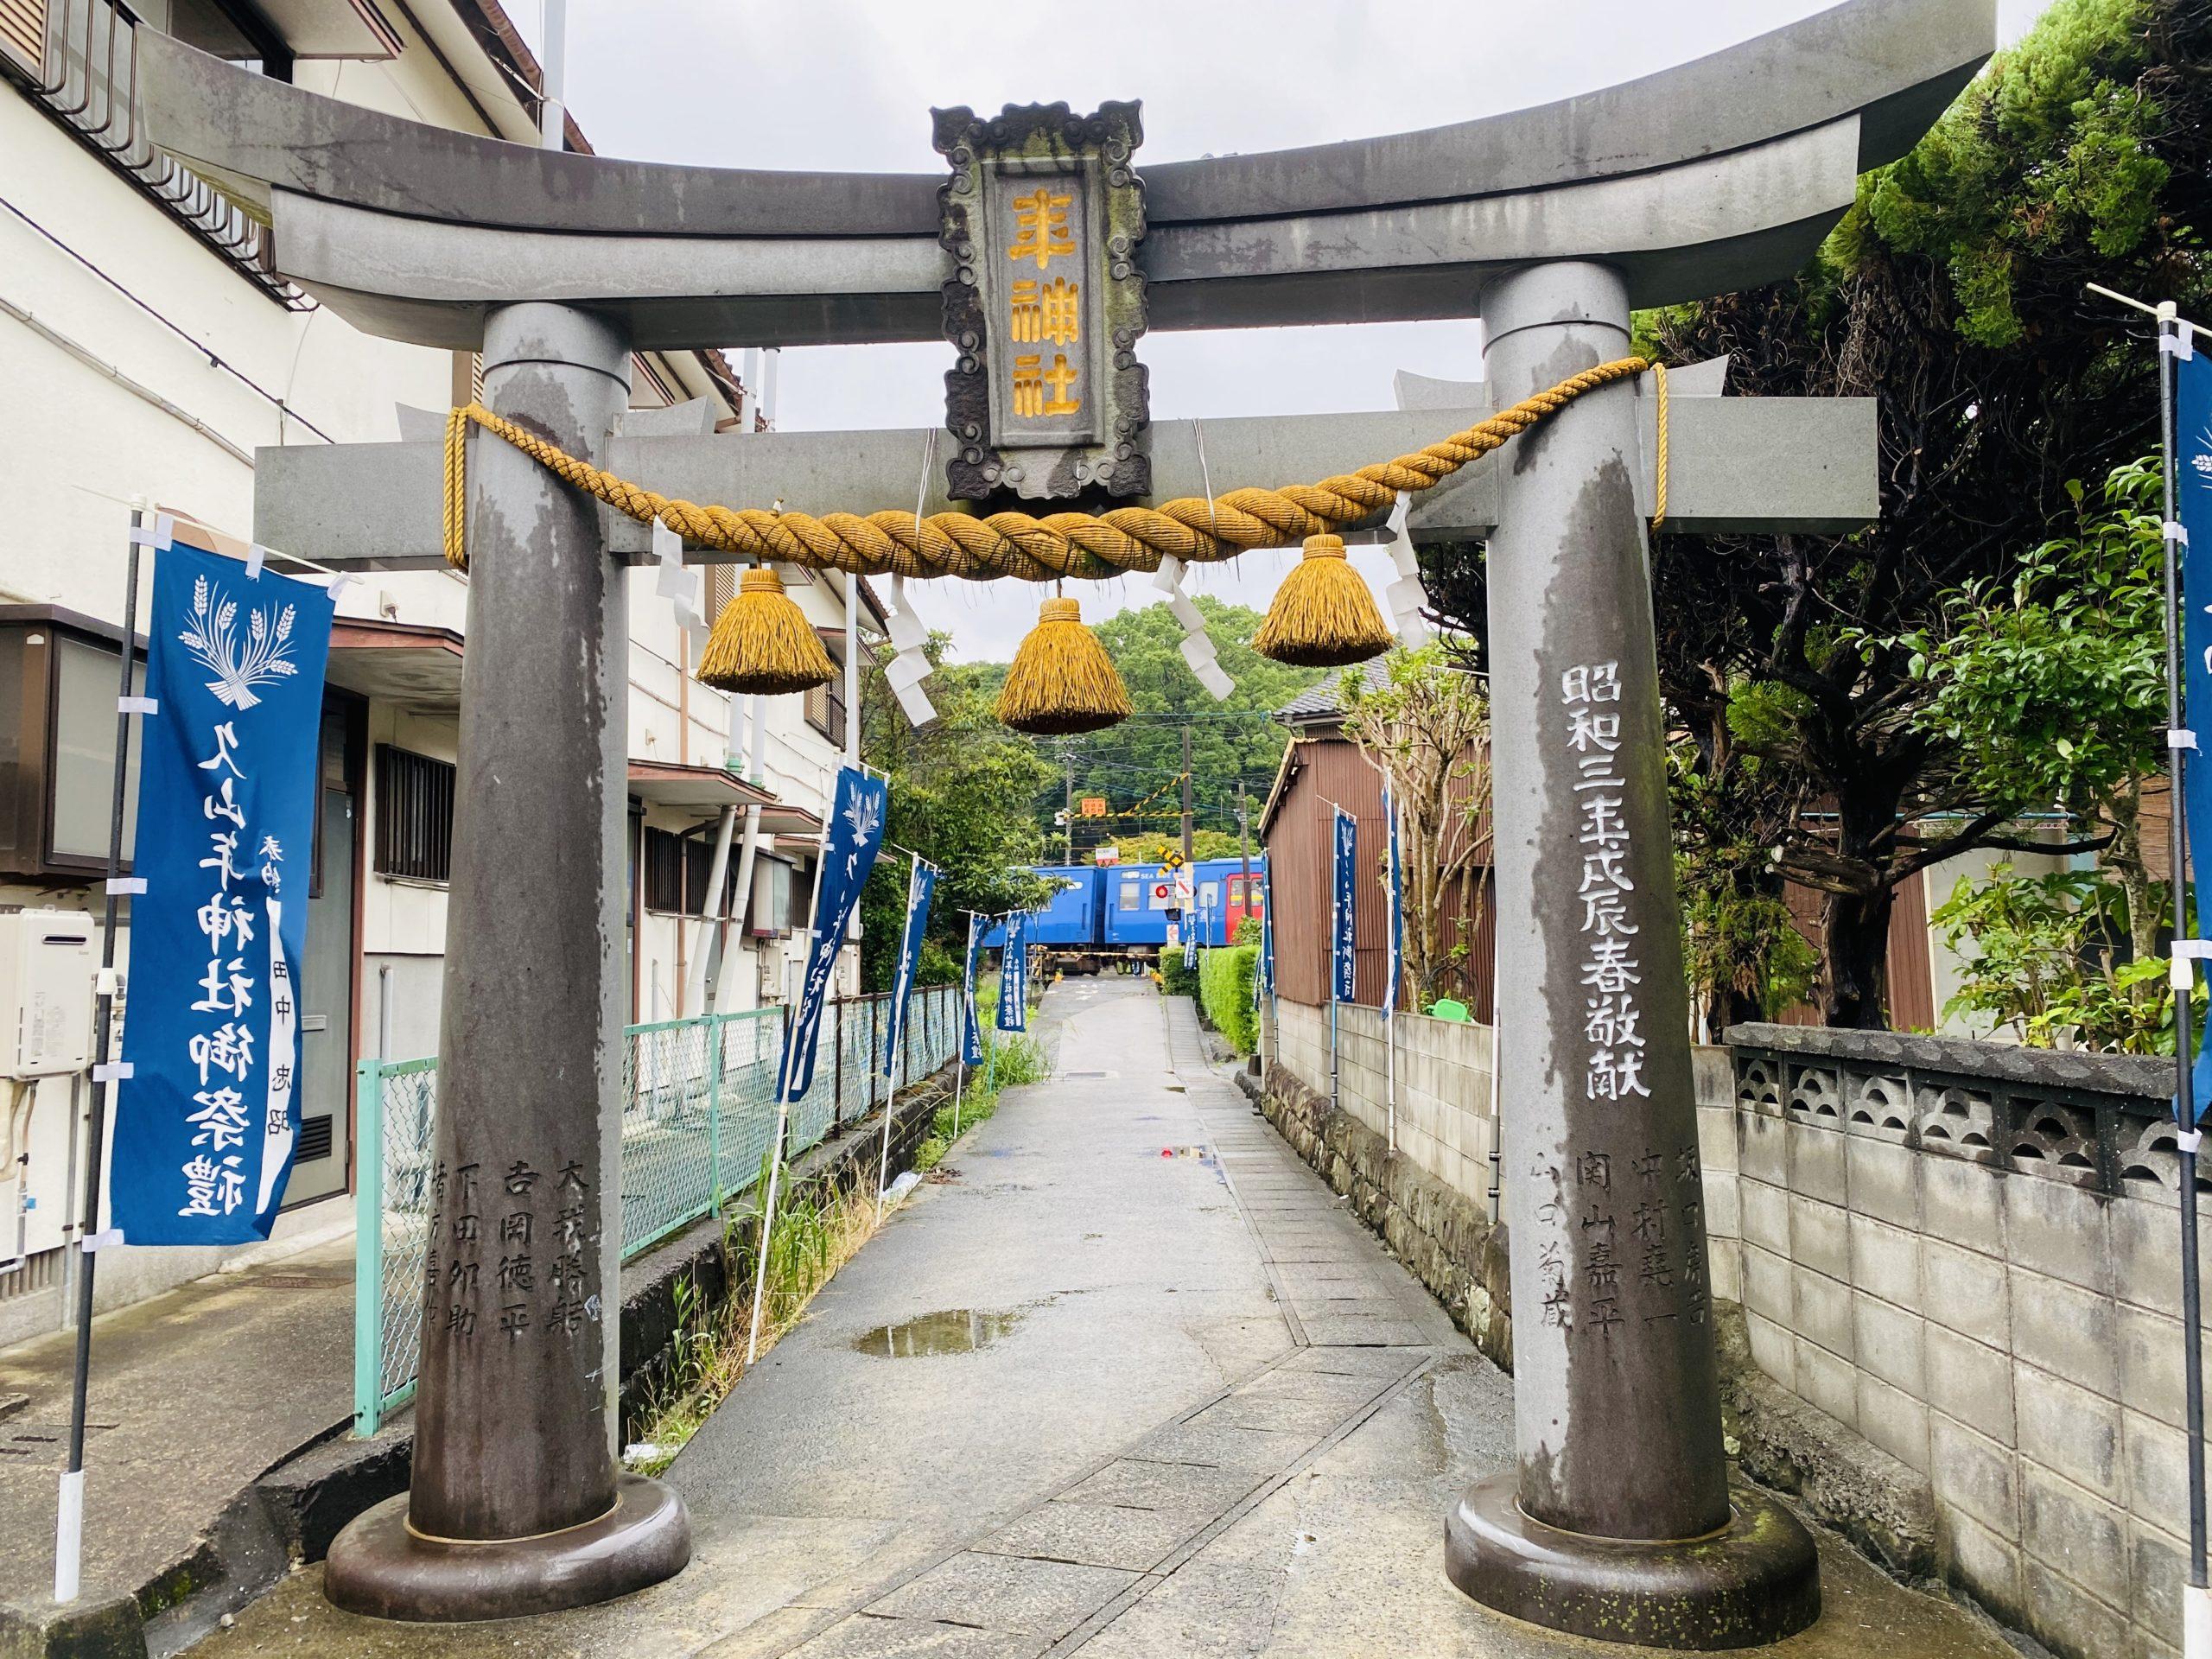 珍しい神社!参道を電車が通る久山年神社